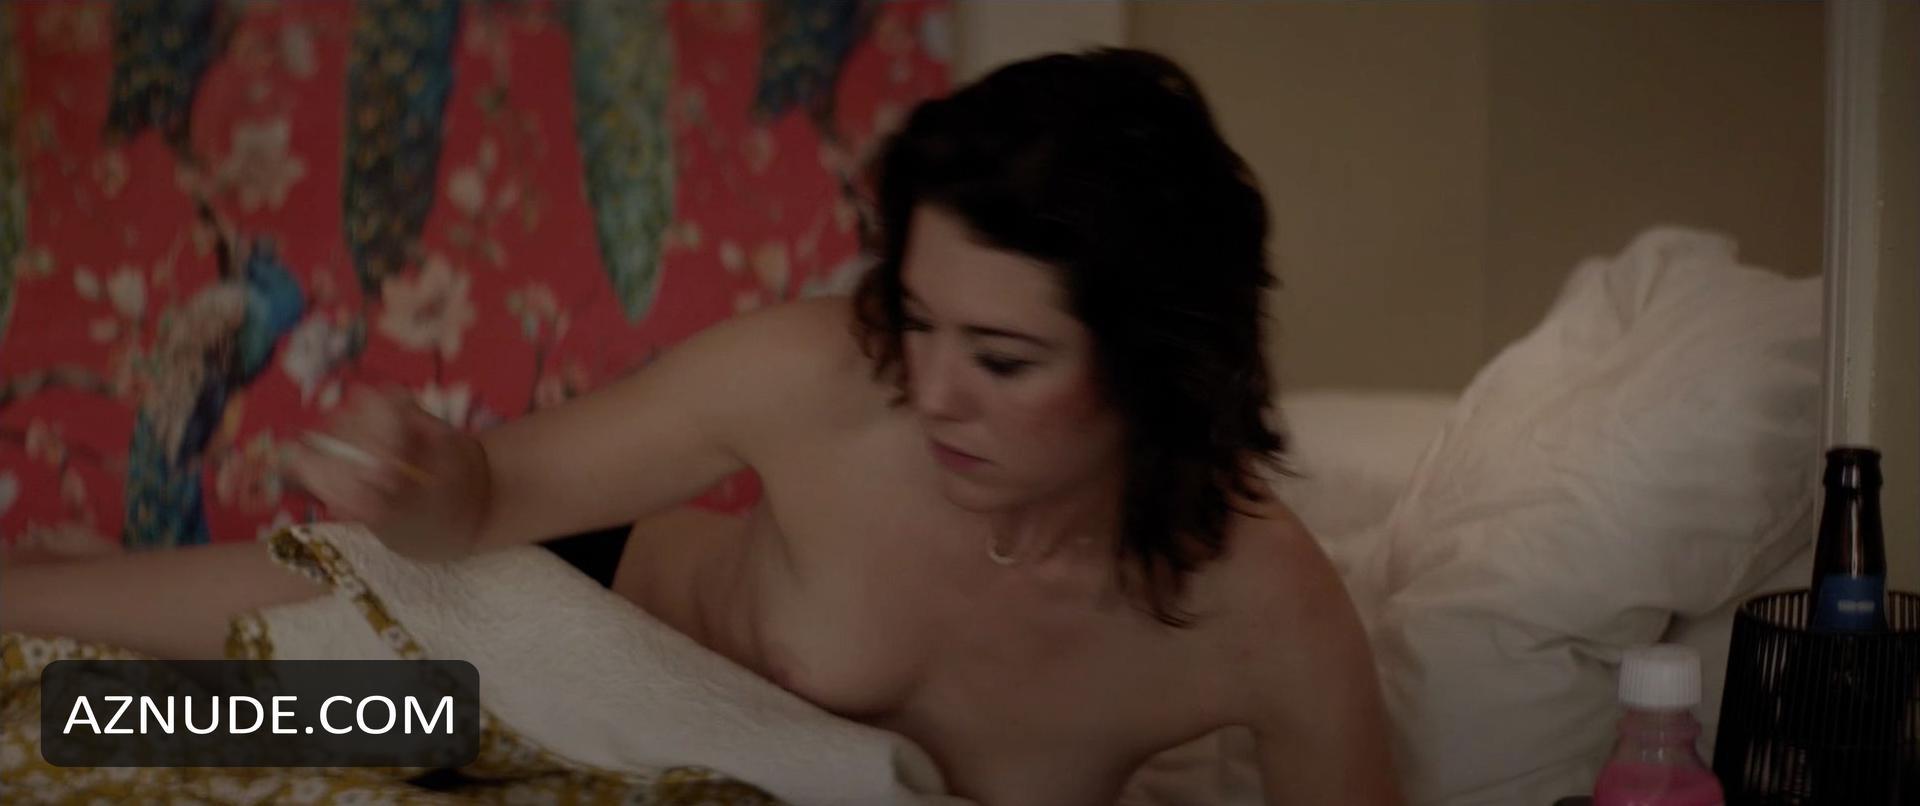 Angelique Cabral Nude all about nina nude scenes - aznude